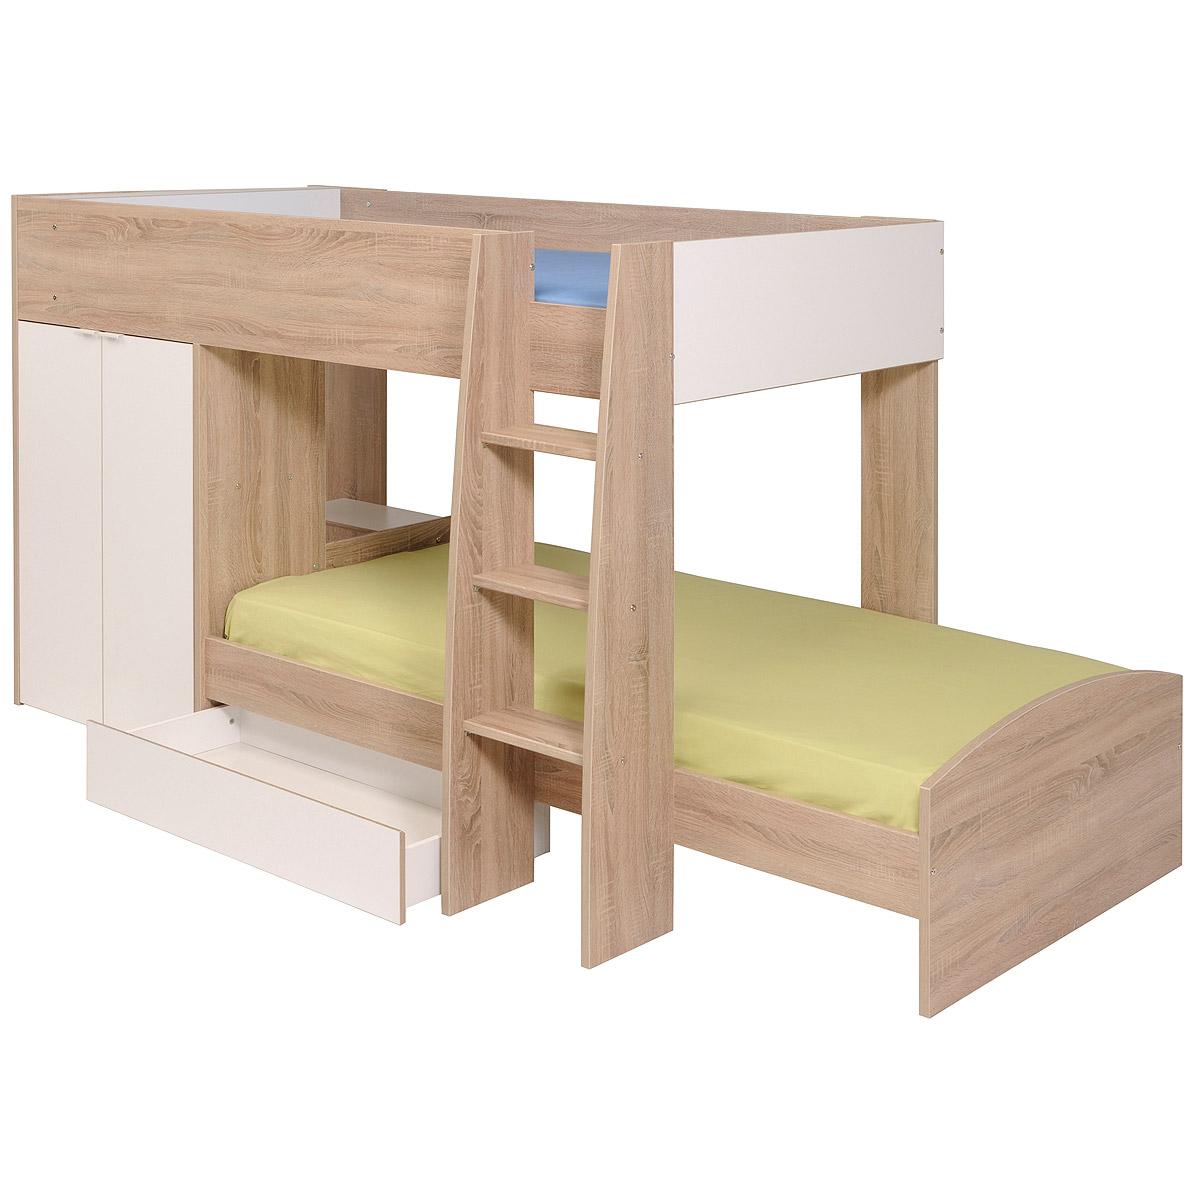 etagenbett stim hochbett kinderbett sonoma eiche wei mit. Black Bedroom Furniture Sets. Home Design Ideas